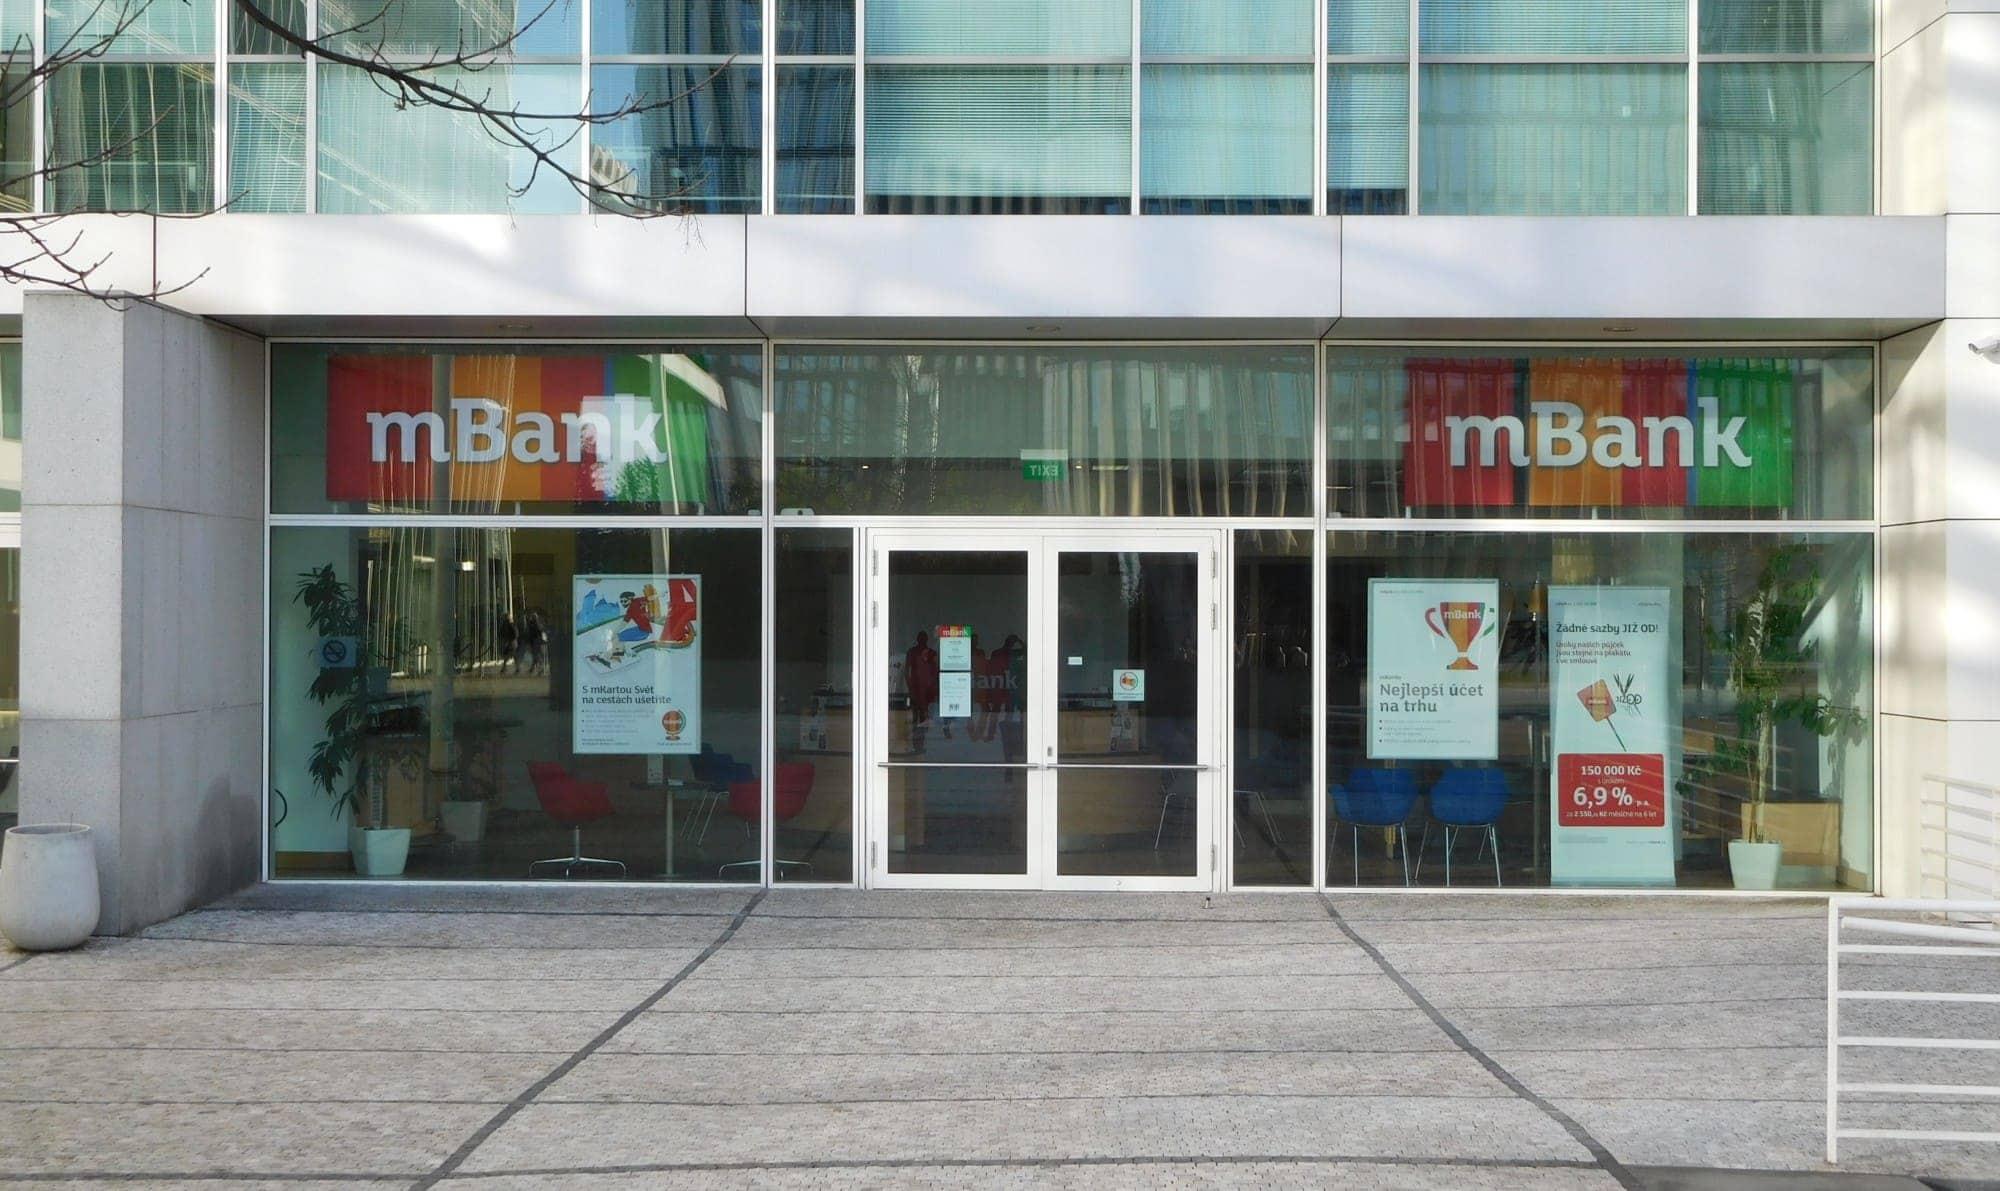 mbank prihlaseni do internetoveho bankovnictvi